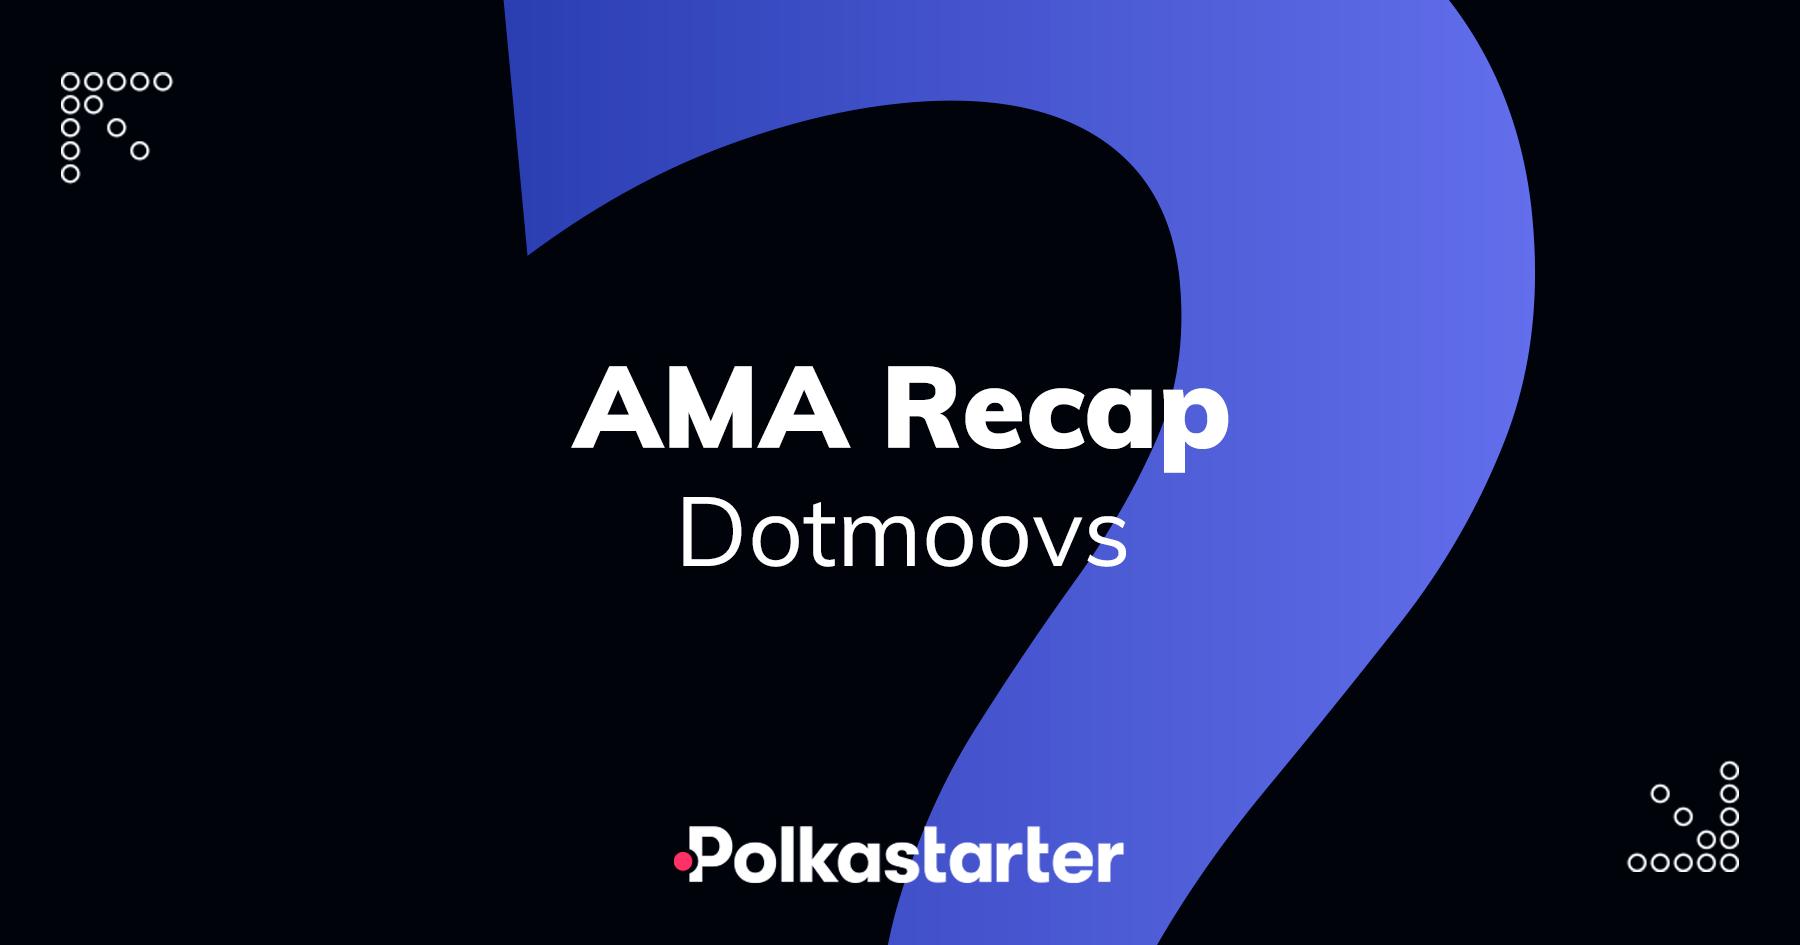 [PolkaStarter] Polkastarter and Dotmoovs AMA Recap - AZCoin News